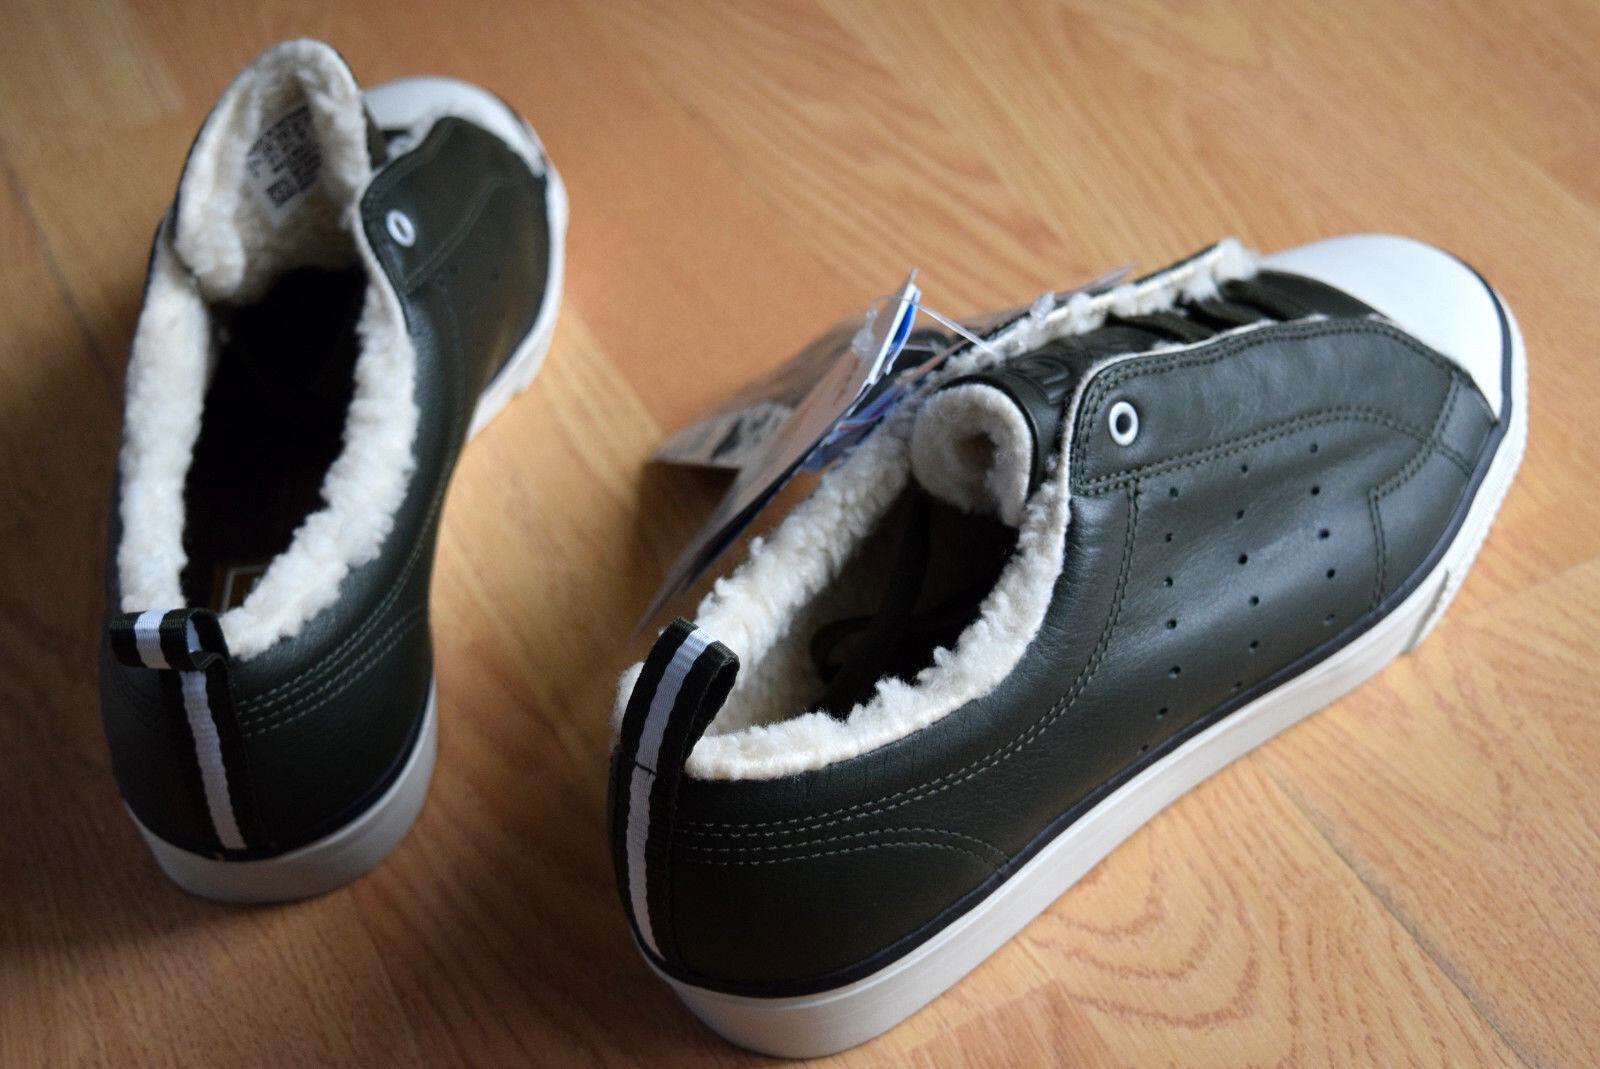 Adidas Vulc Low KZK 42,5 44,5 46 Kazuki Kuraishi Stan g45947 Superstar Yamamoto